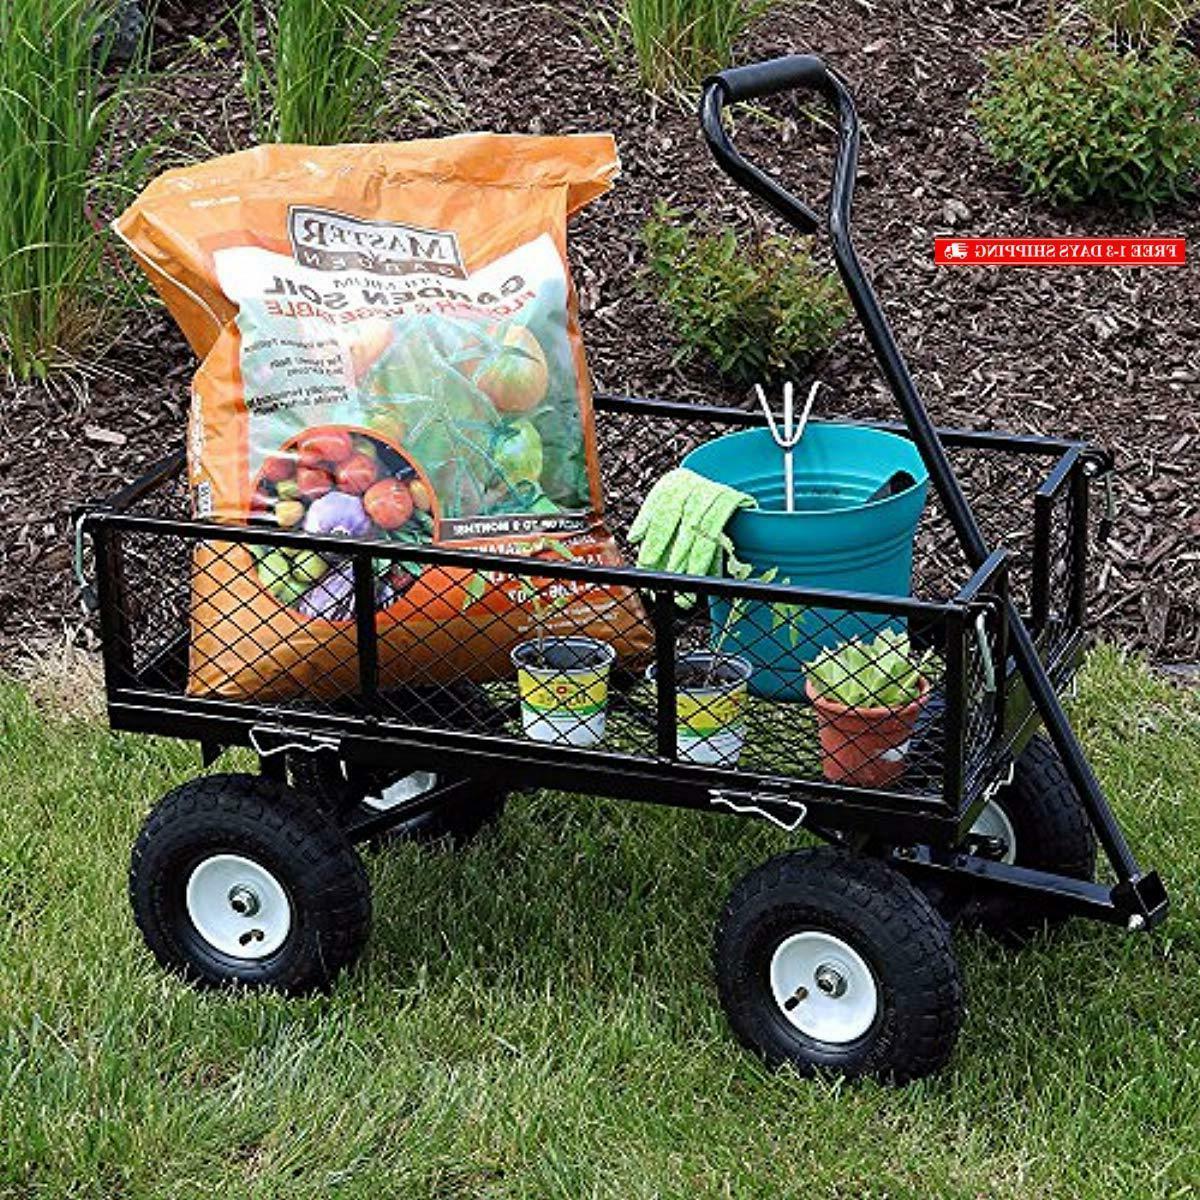 Sunnydaze Utility Garden Cart, with He